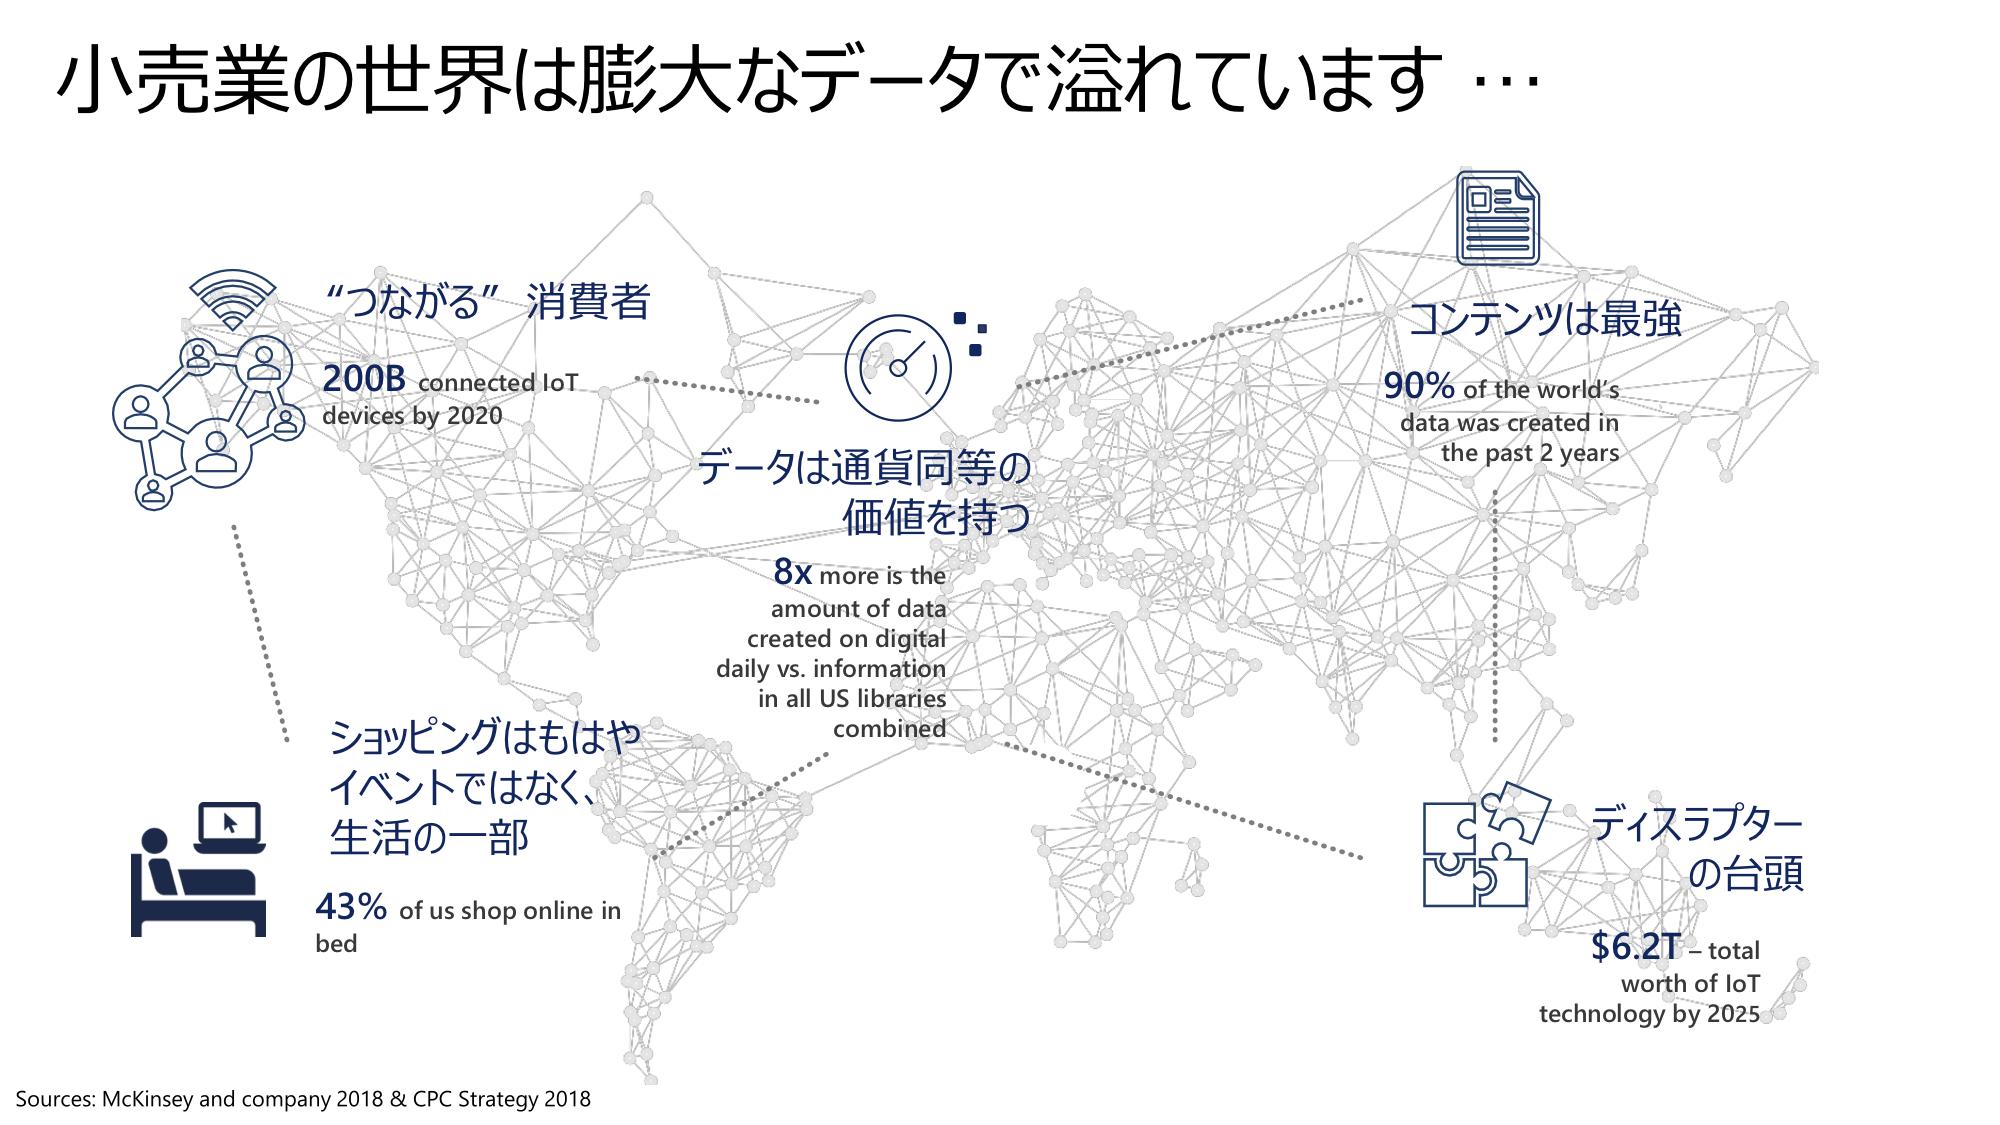 ※日本マイクロソフト株式会社 提供